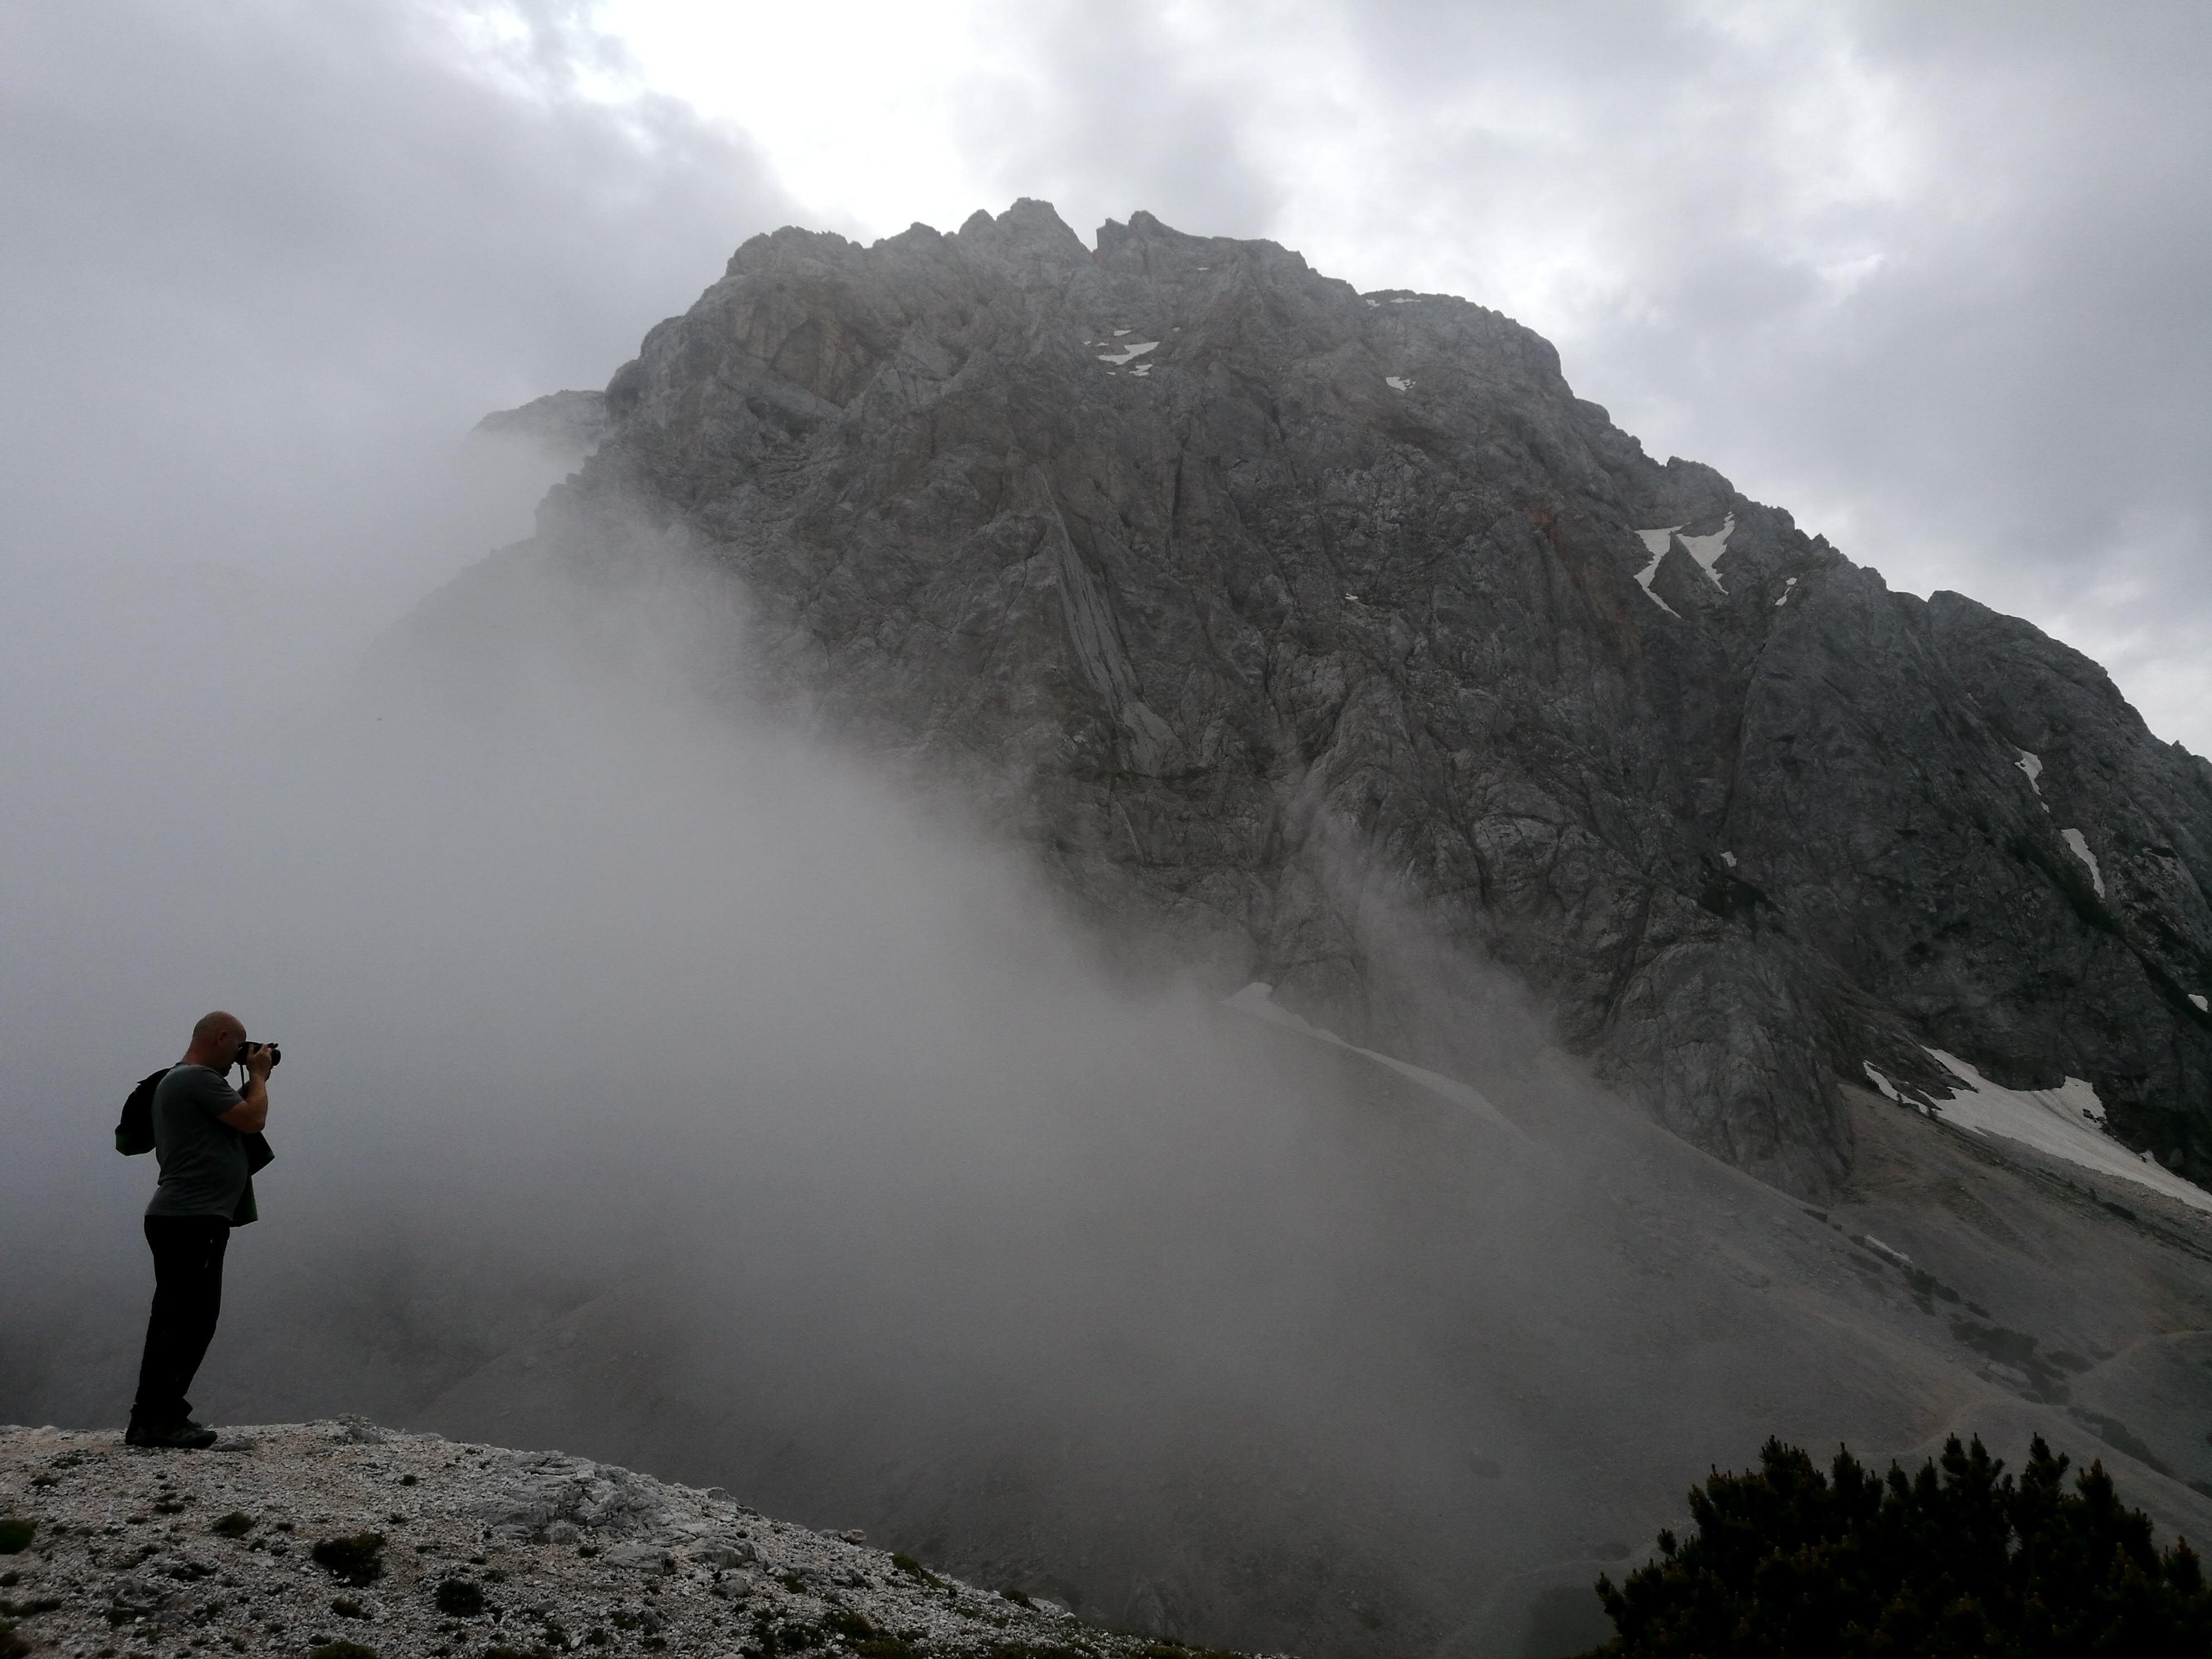 man taking photo at mountain during daytyime